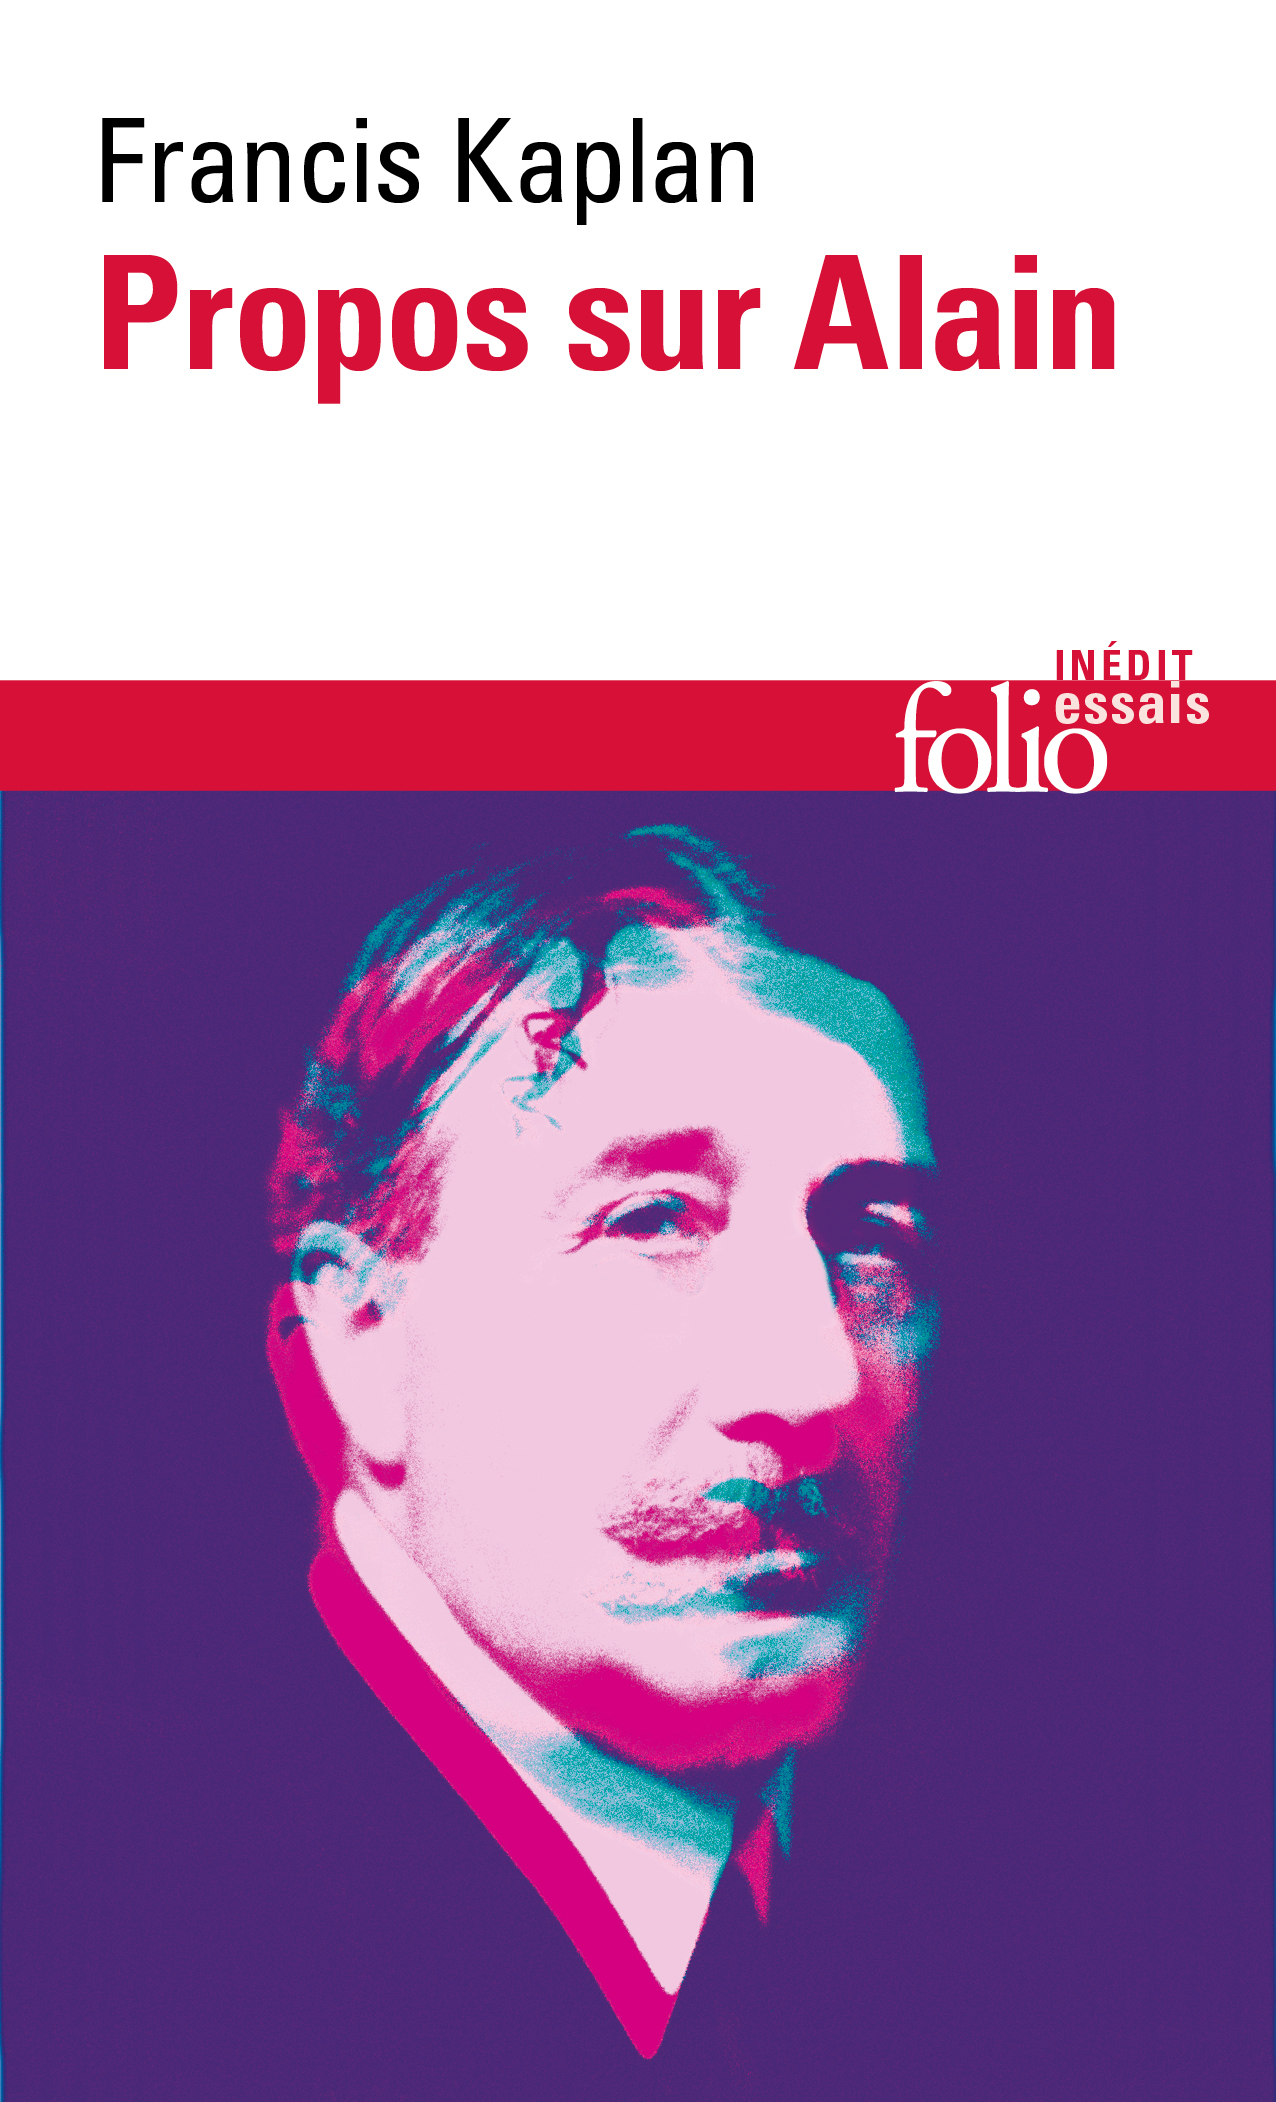 F. Kaplan,Propos sur Alain